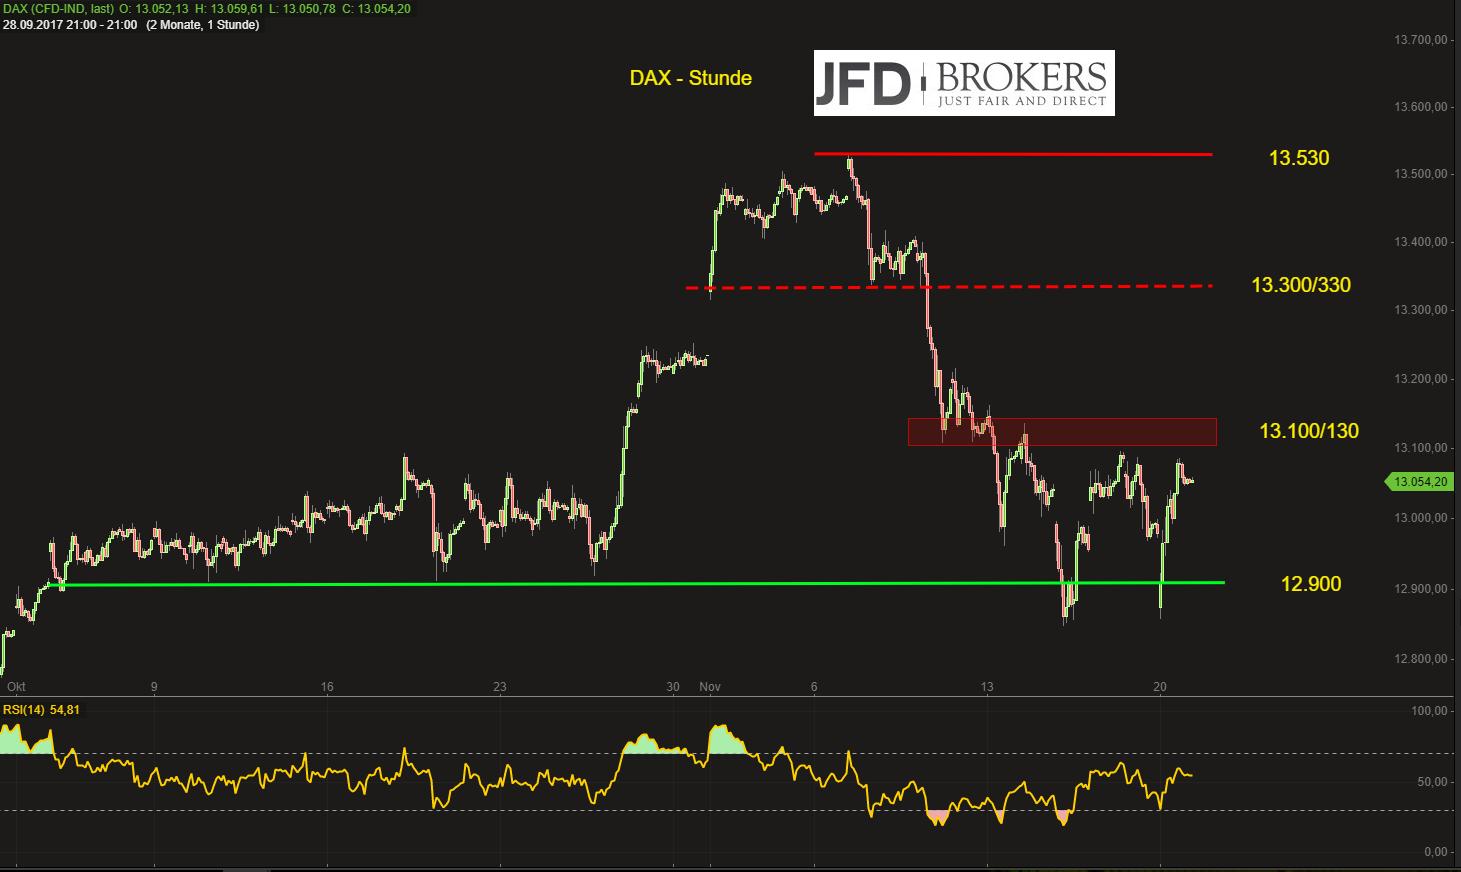 DAX-mit-klarem-Statement-gegen-die-12-850-Bullen-auf-dem-Vormarsch-Kommentar-JFD-Brokers-GodmodeTrader.de-2